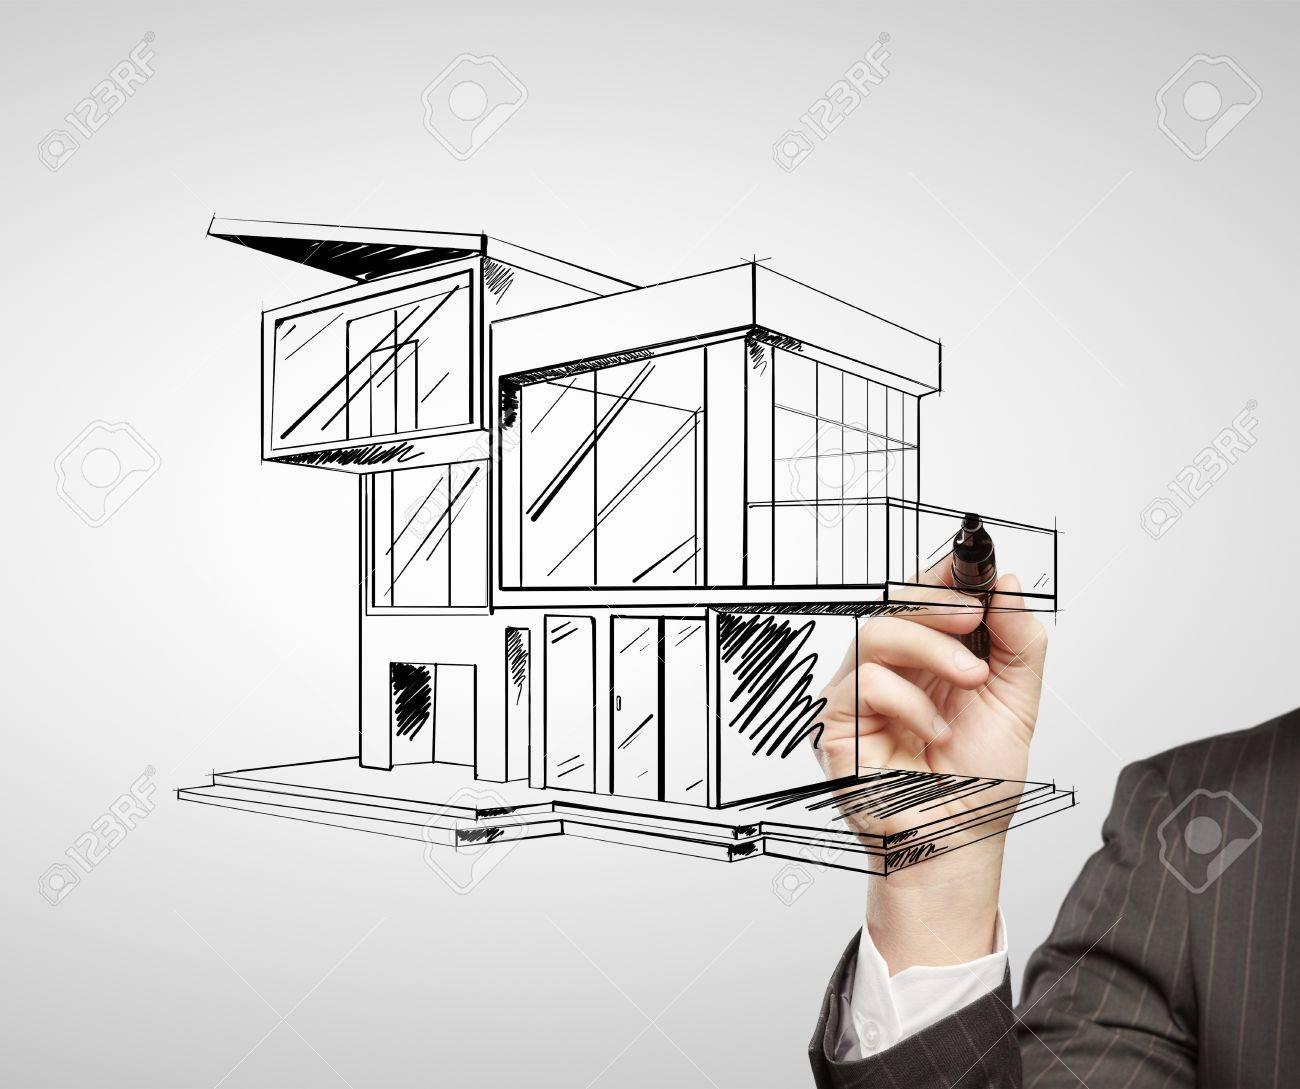 Maison de dessin à main moderne sur un fond blanc